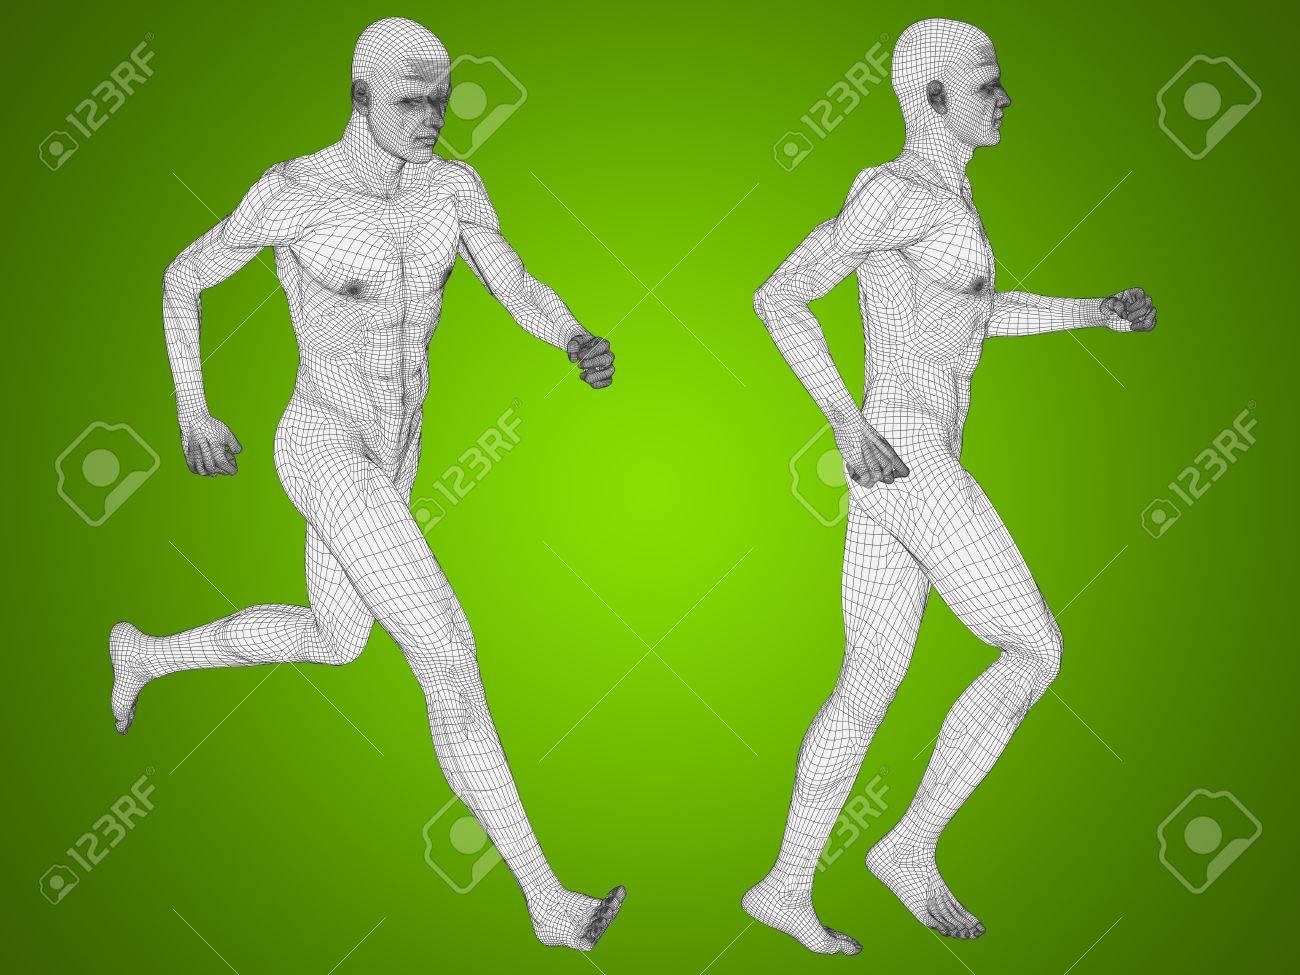 Konzeptionelle Mann Oder Menschliche 3D-Anatomie Oder Körper Auf ...